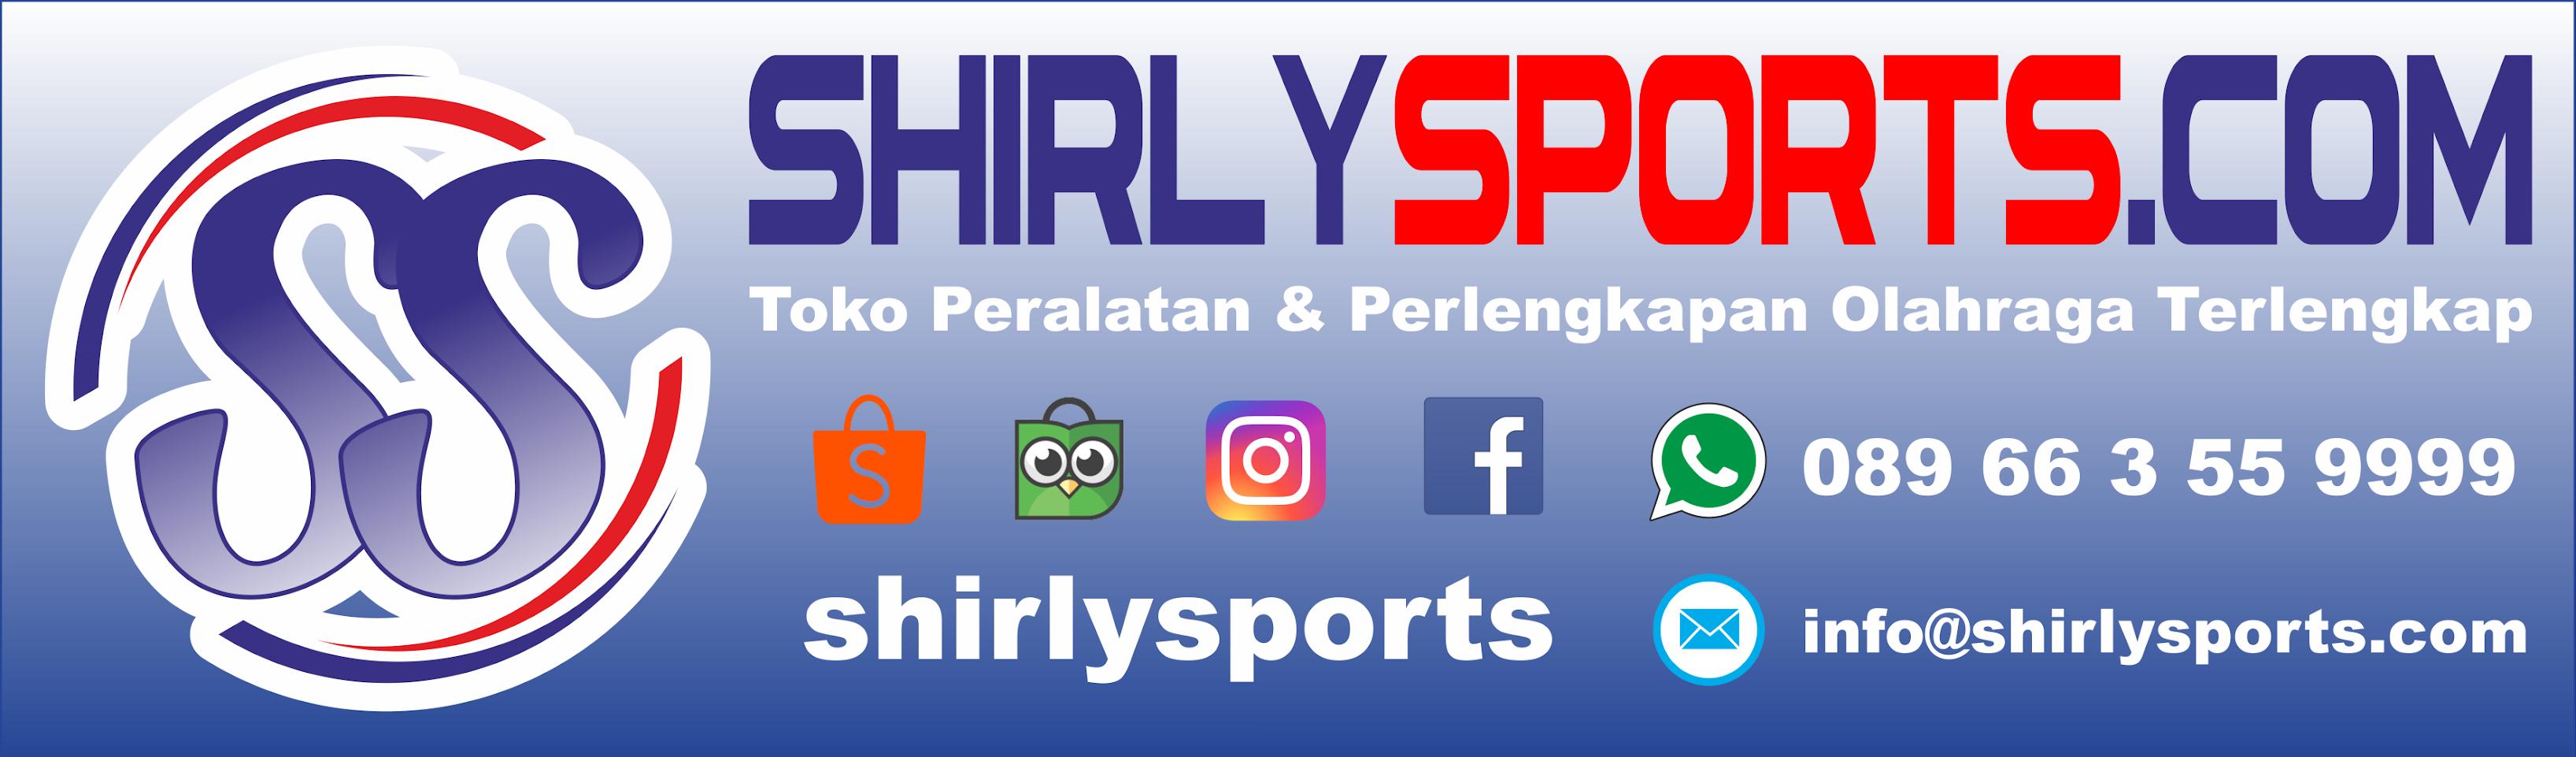 ShirlySports